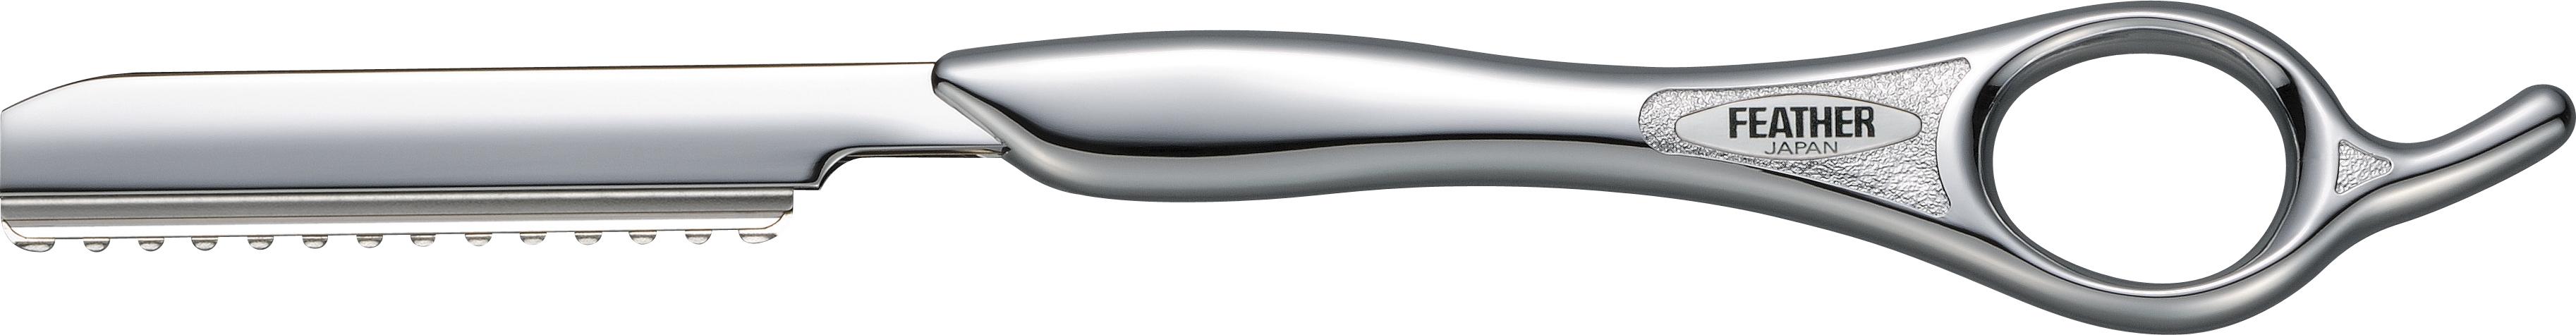 Feather Классическая филировочная бритва SR-S серебристаяS4250811Серия Styling Razor - это любимые бритвы для стрижки волос среди парикмахеров по всему миру. Благодаря тонкому наклонному срезу, который дает бритва, концы волос отлично падают по форме стрижки, создавая красивую текстуру.Для получения оптимального угла кромки каждое лезвие проходит тройную заточку. Лезвия не только остры, но и долговечны, благодаря своему двойному покрытию из платинового сплава и каучука. Платиновый сплав увеличивает долговечность лезвия, а каучуковое покрытие снижает трение.